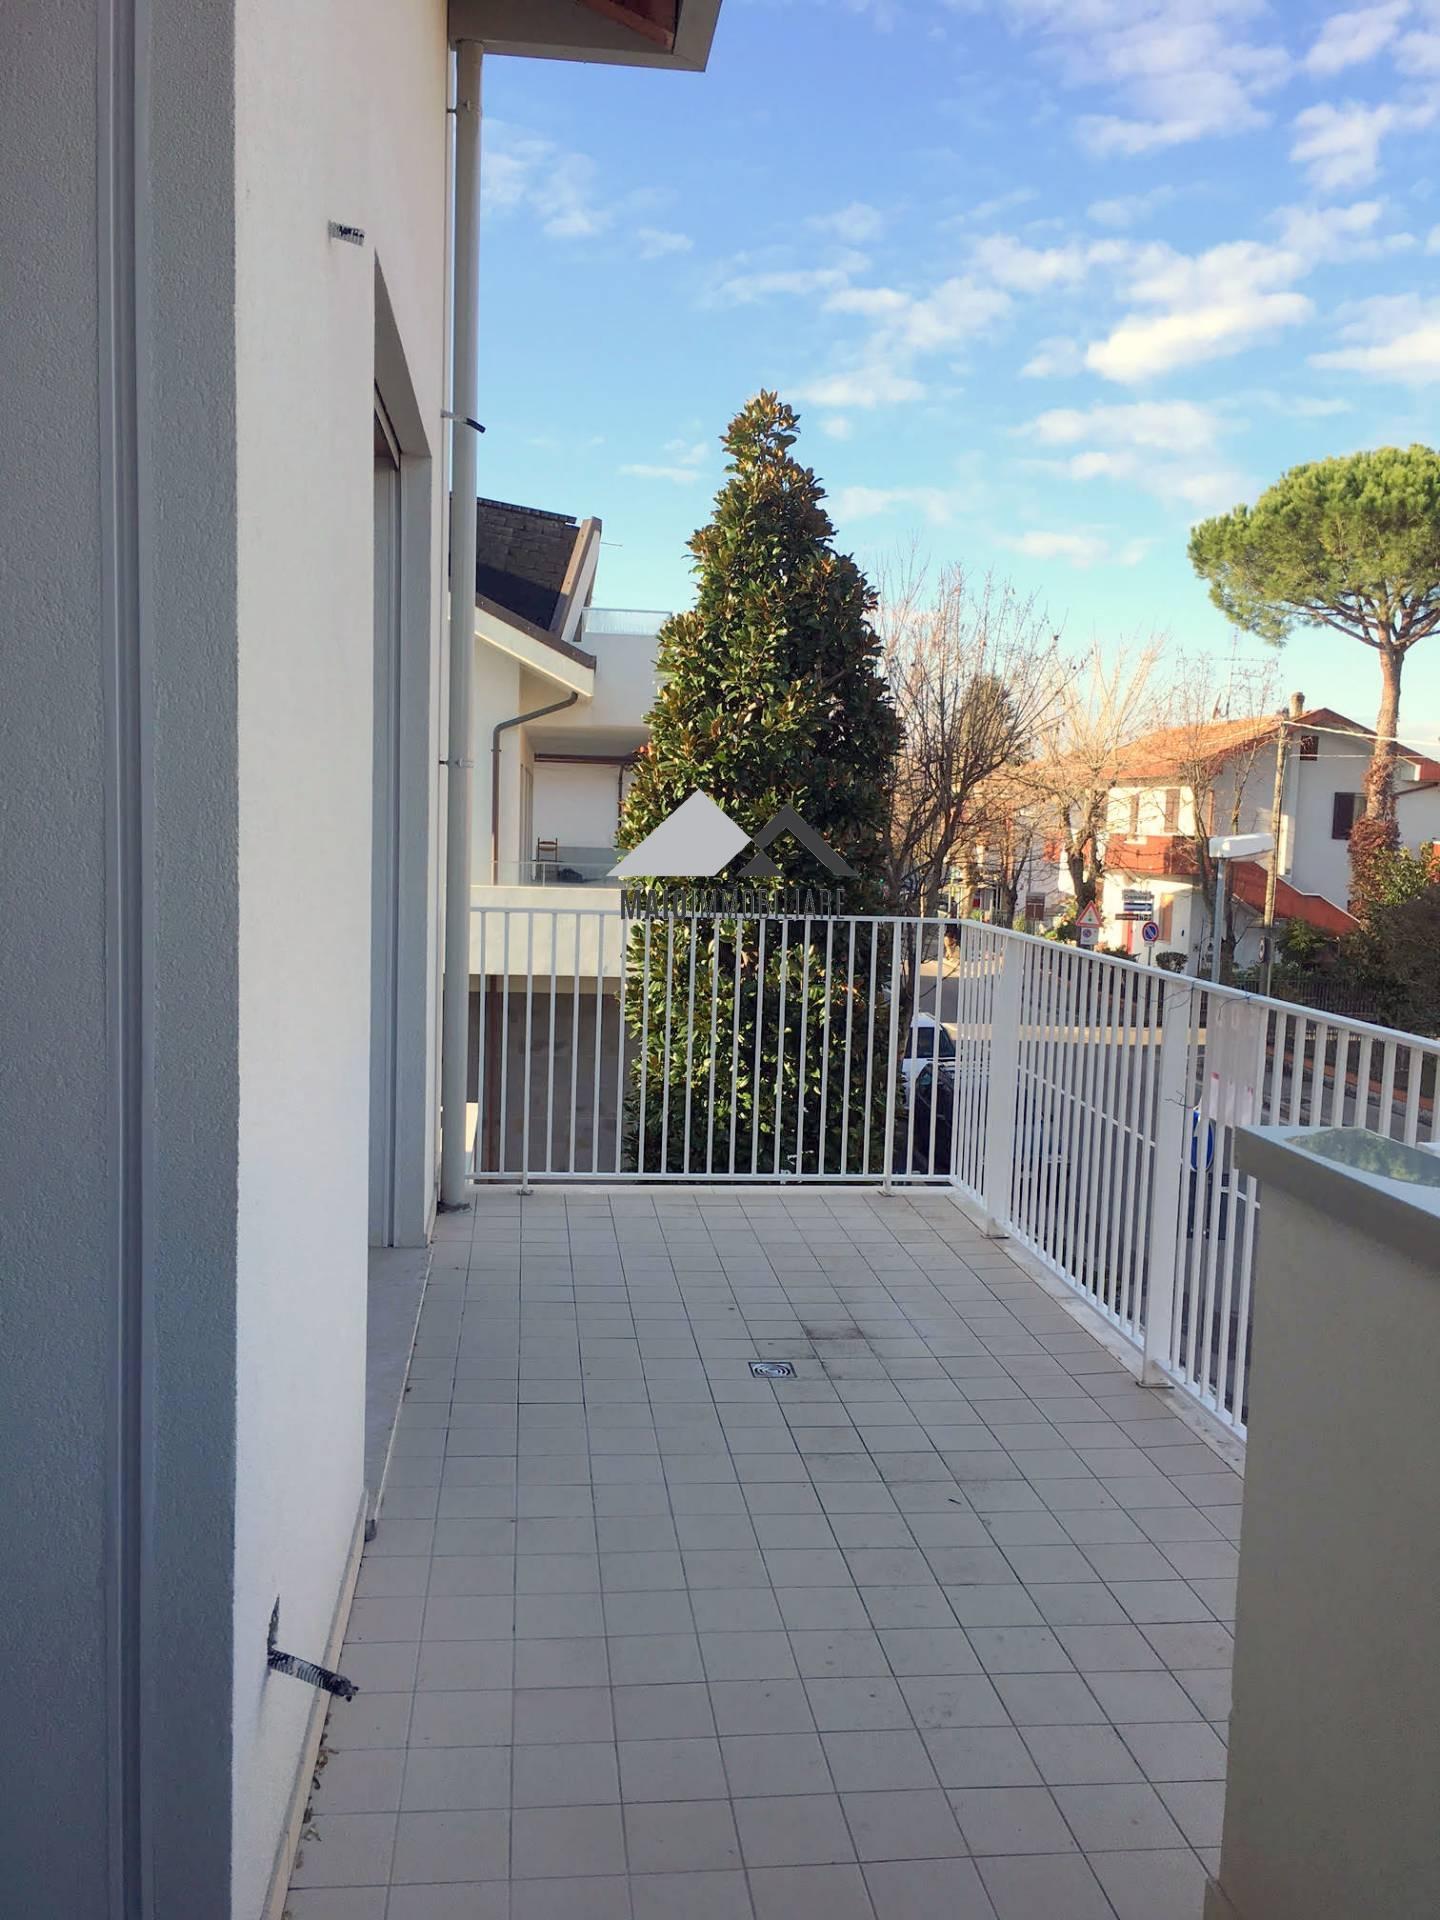 Appartamento in vendita a Riccione, 4 locali, zona Località: S.LORENZO, prezzo € 390.000 | CambioCasa.it